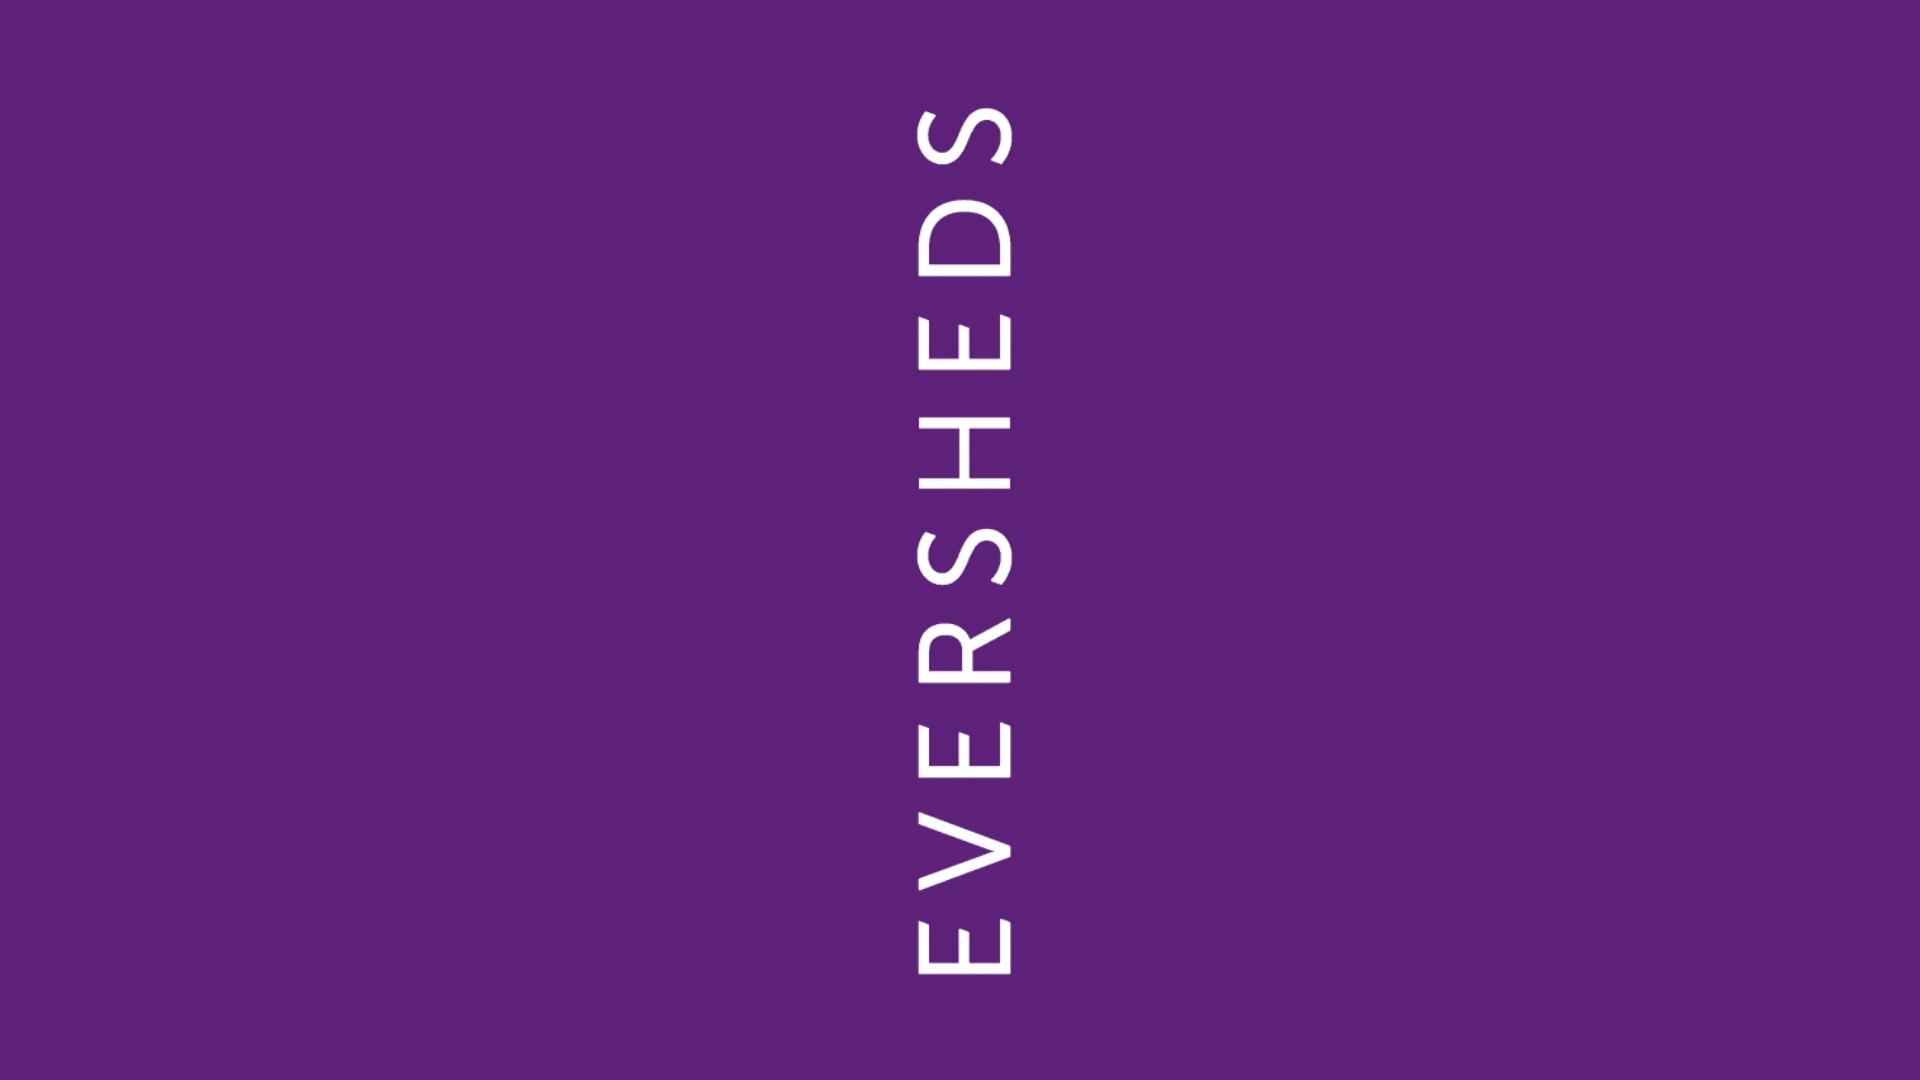 Evershesds.jpg